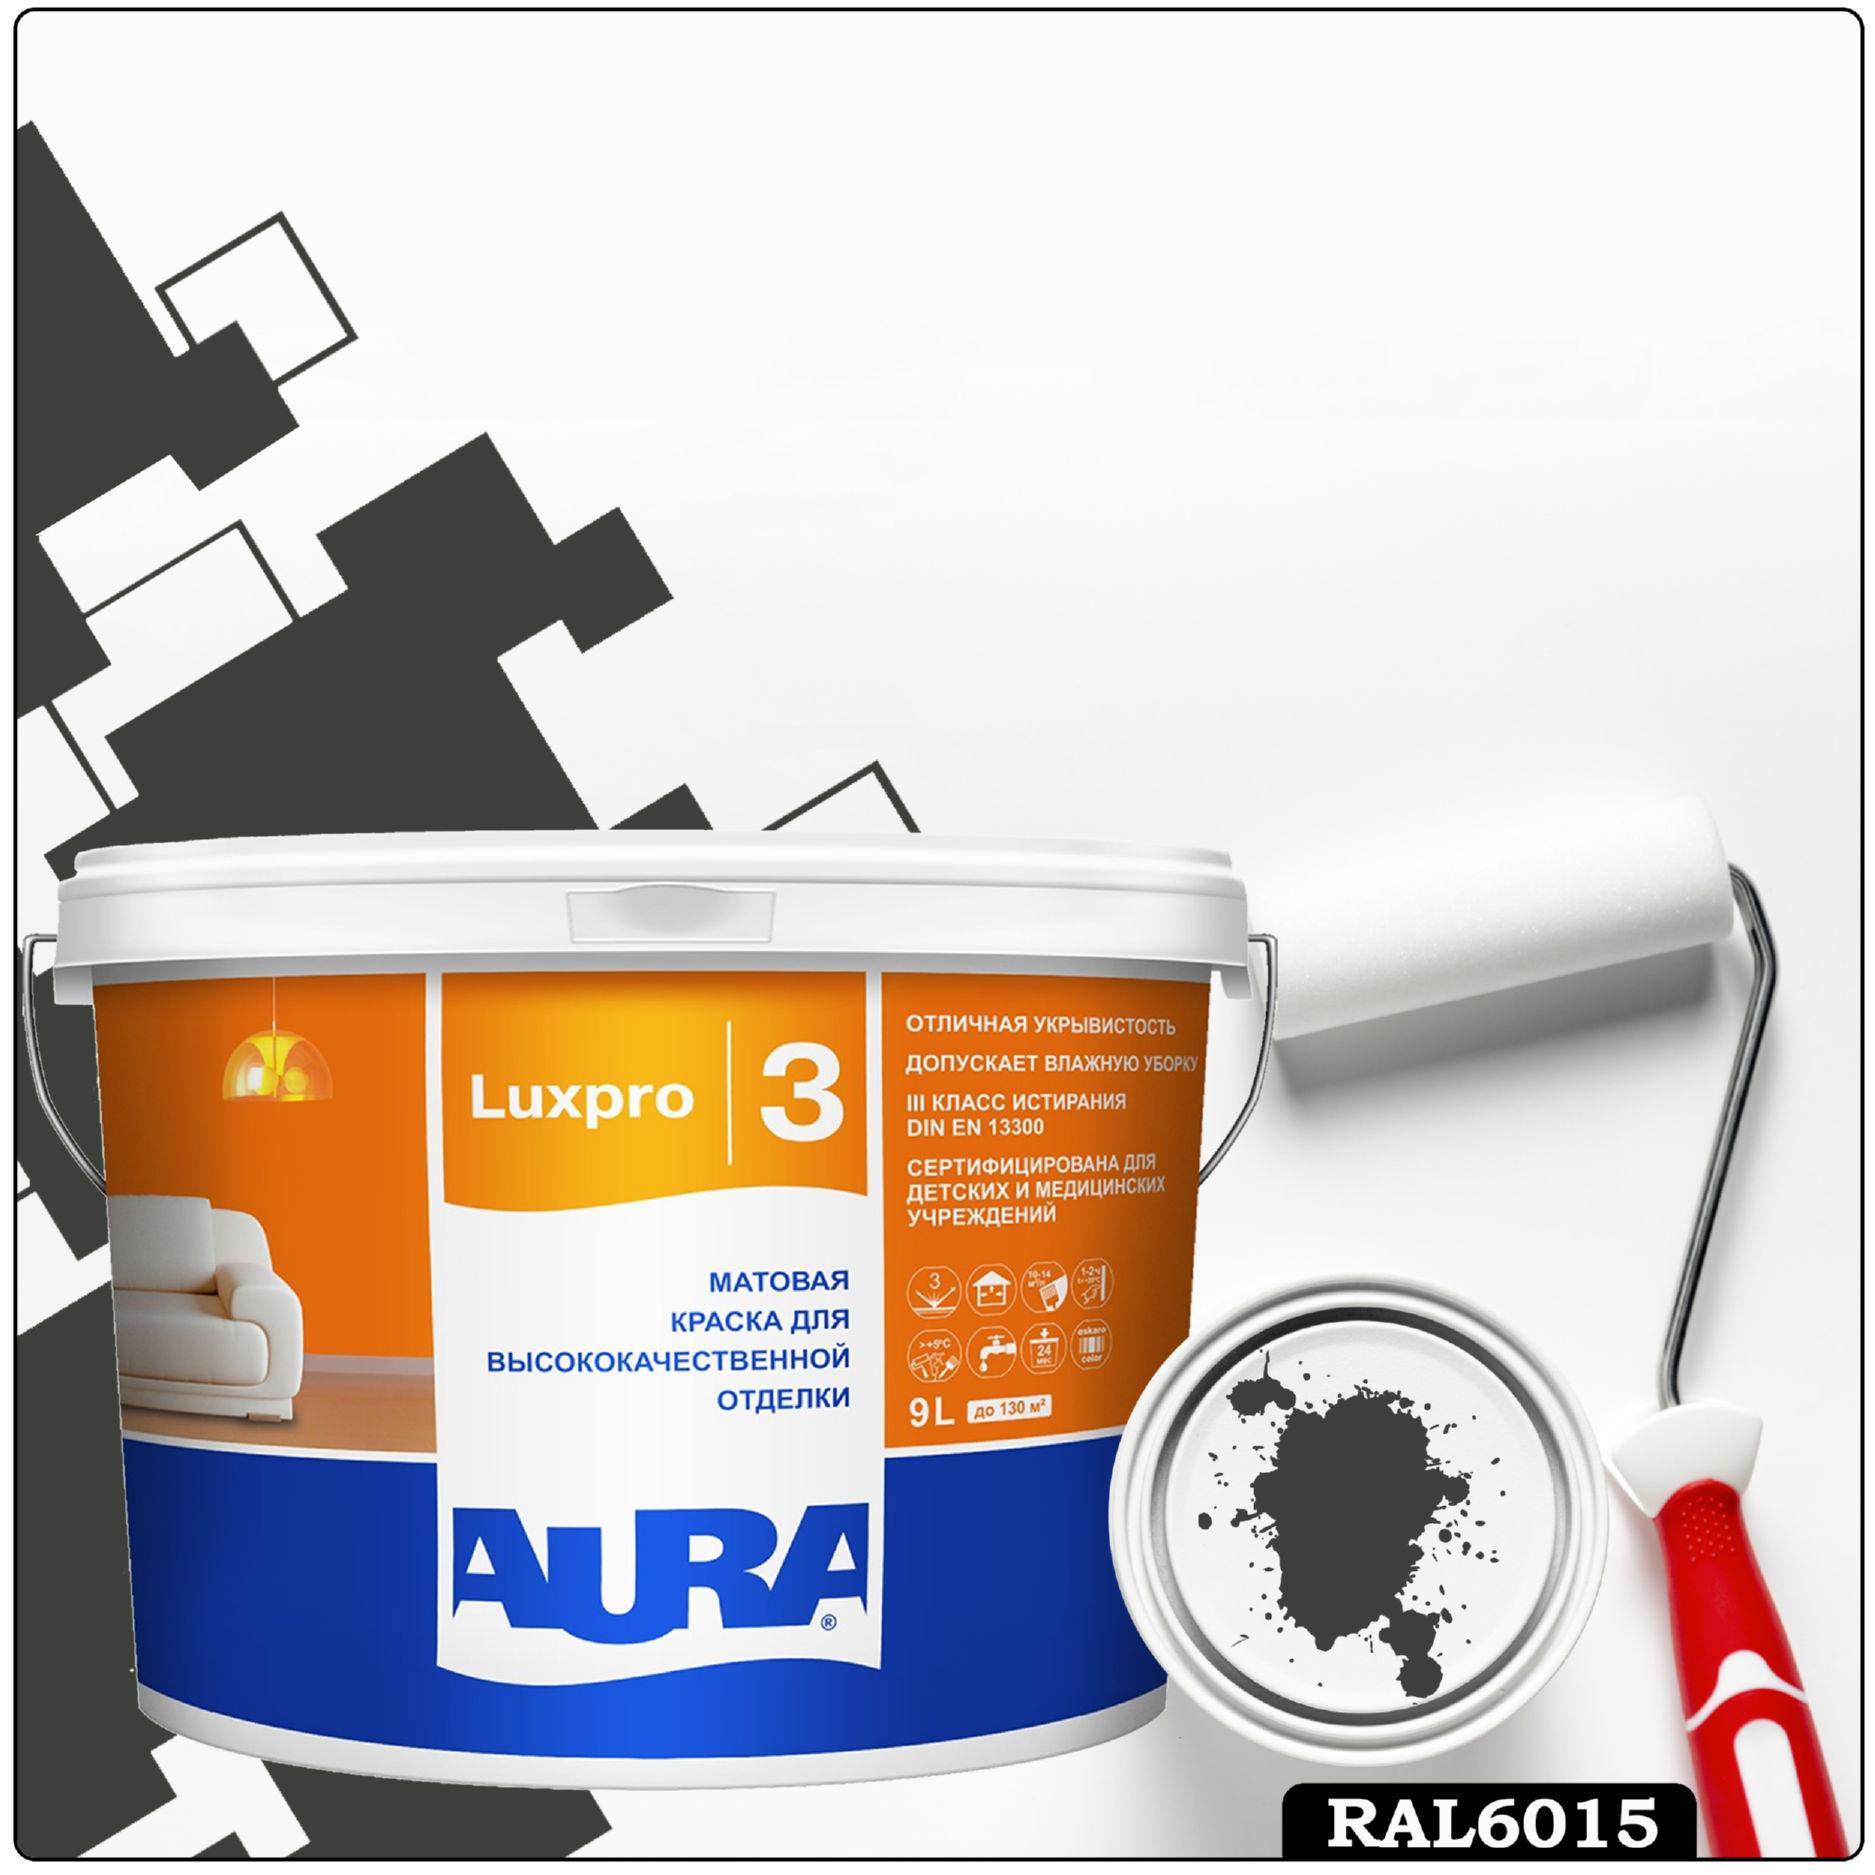 Фото 2 - Краска Aura LuxPRO 3, RAL 6015 Чёрно-оливковый, латексная, шелково-матовая, интерьерная, 9л, Аура.